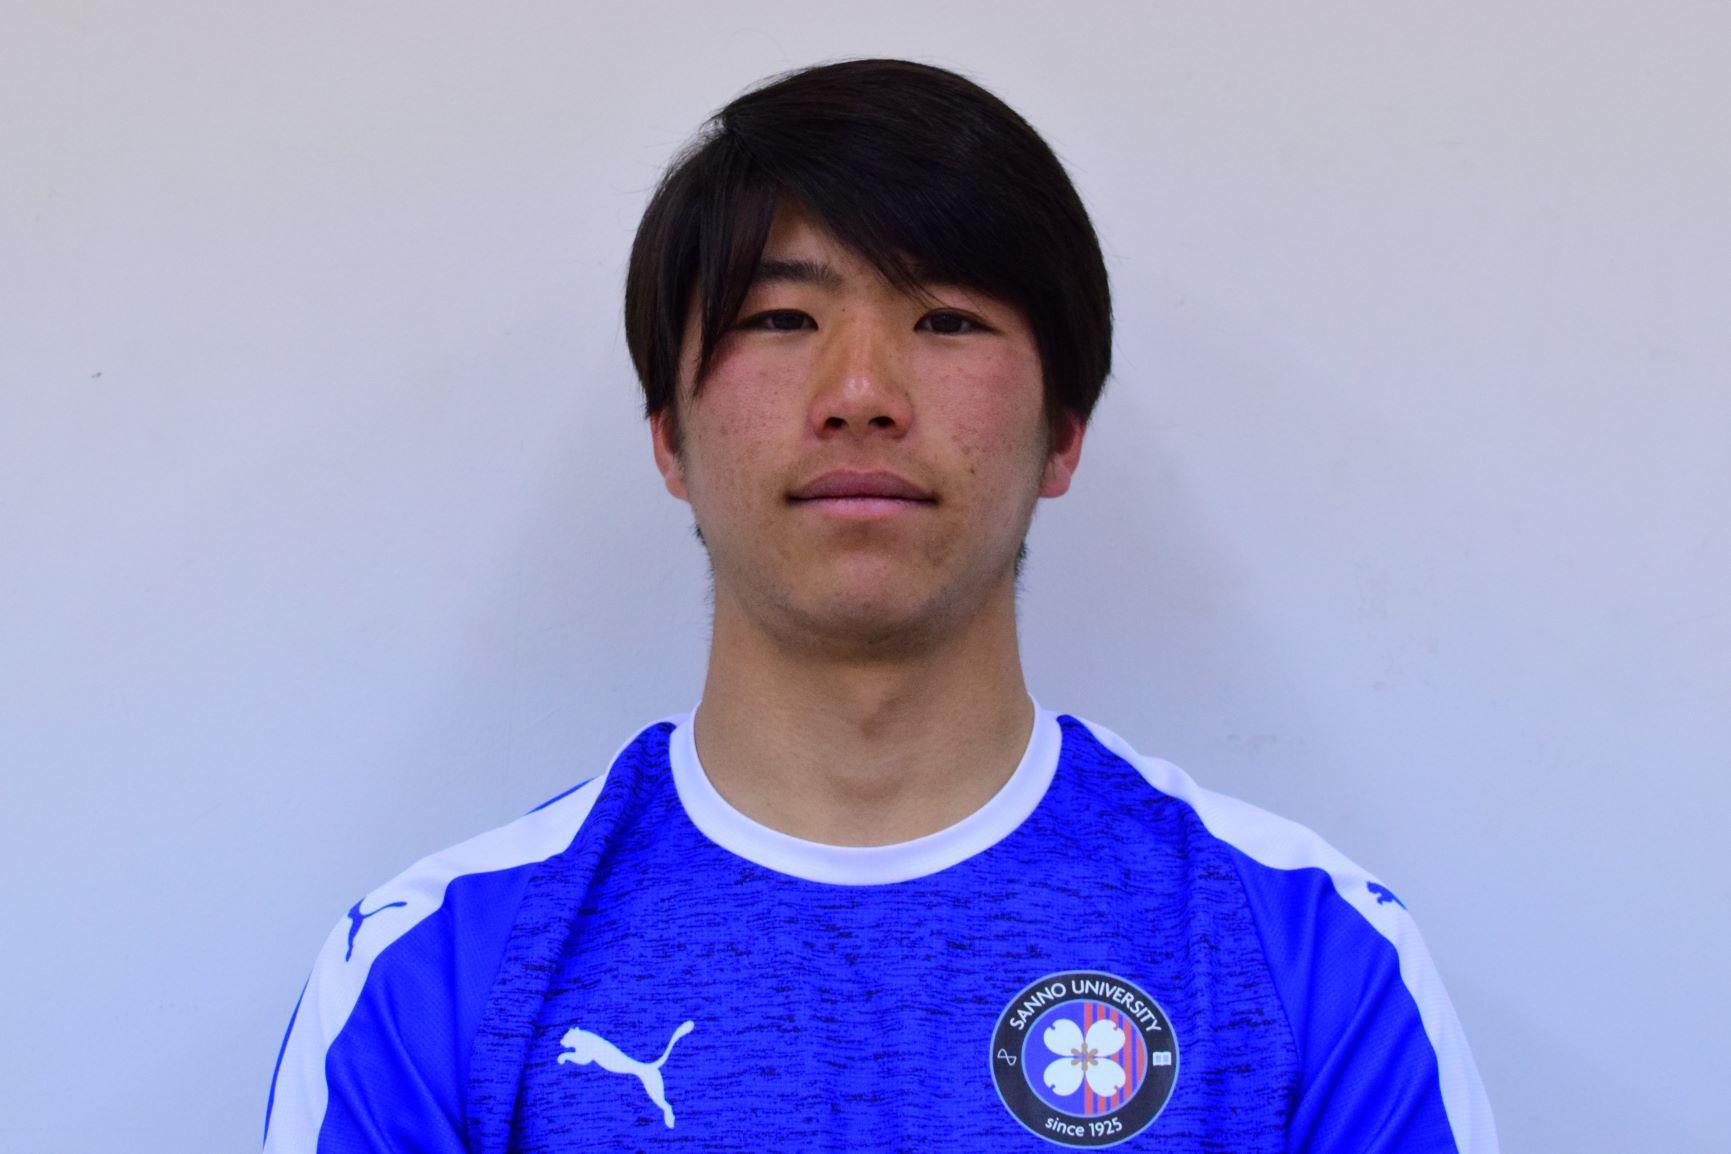 斎藤 彰人